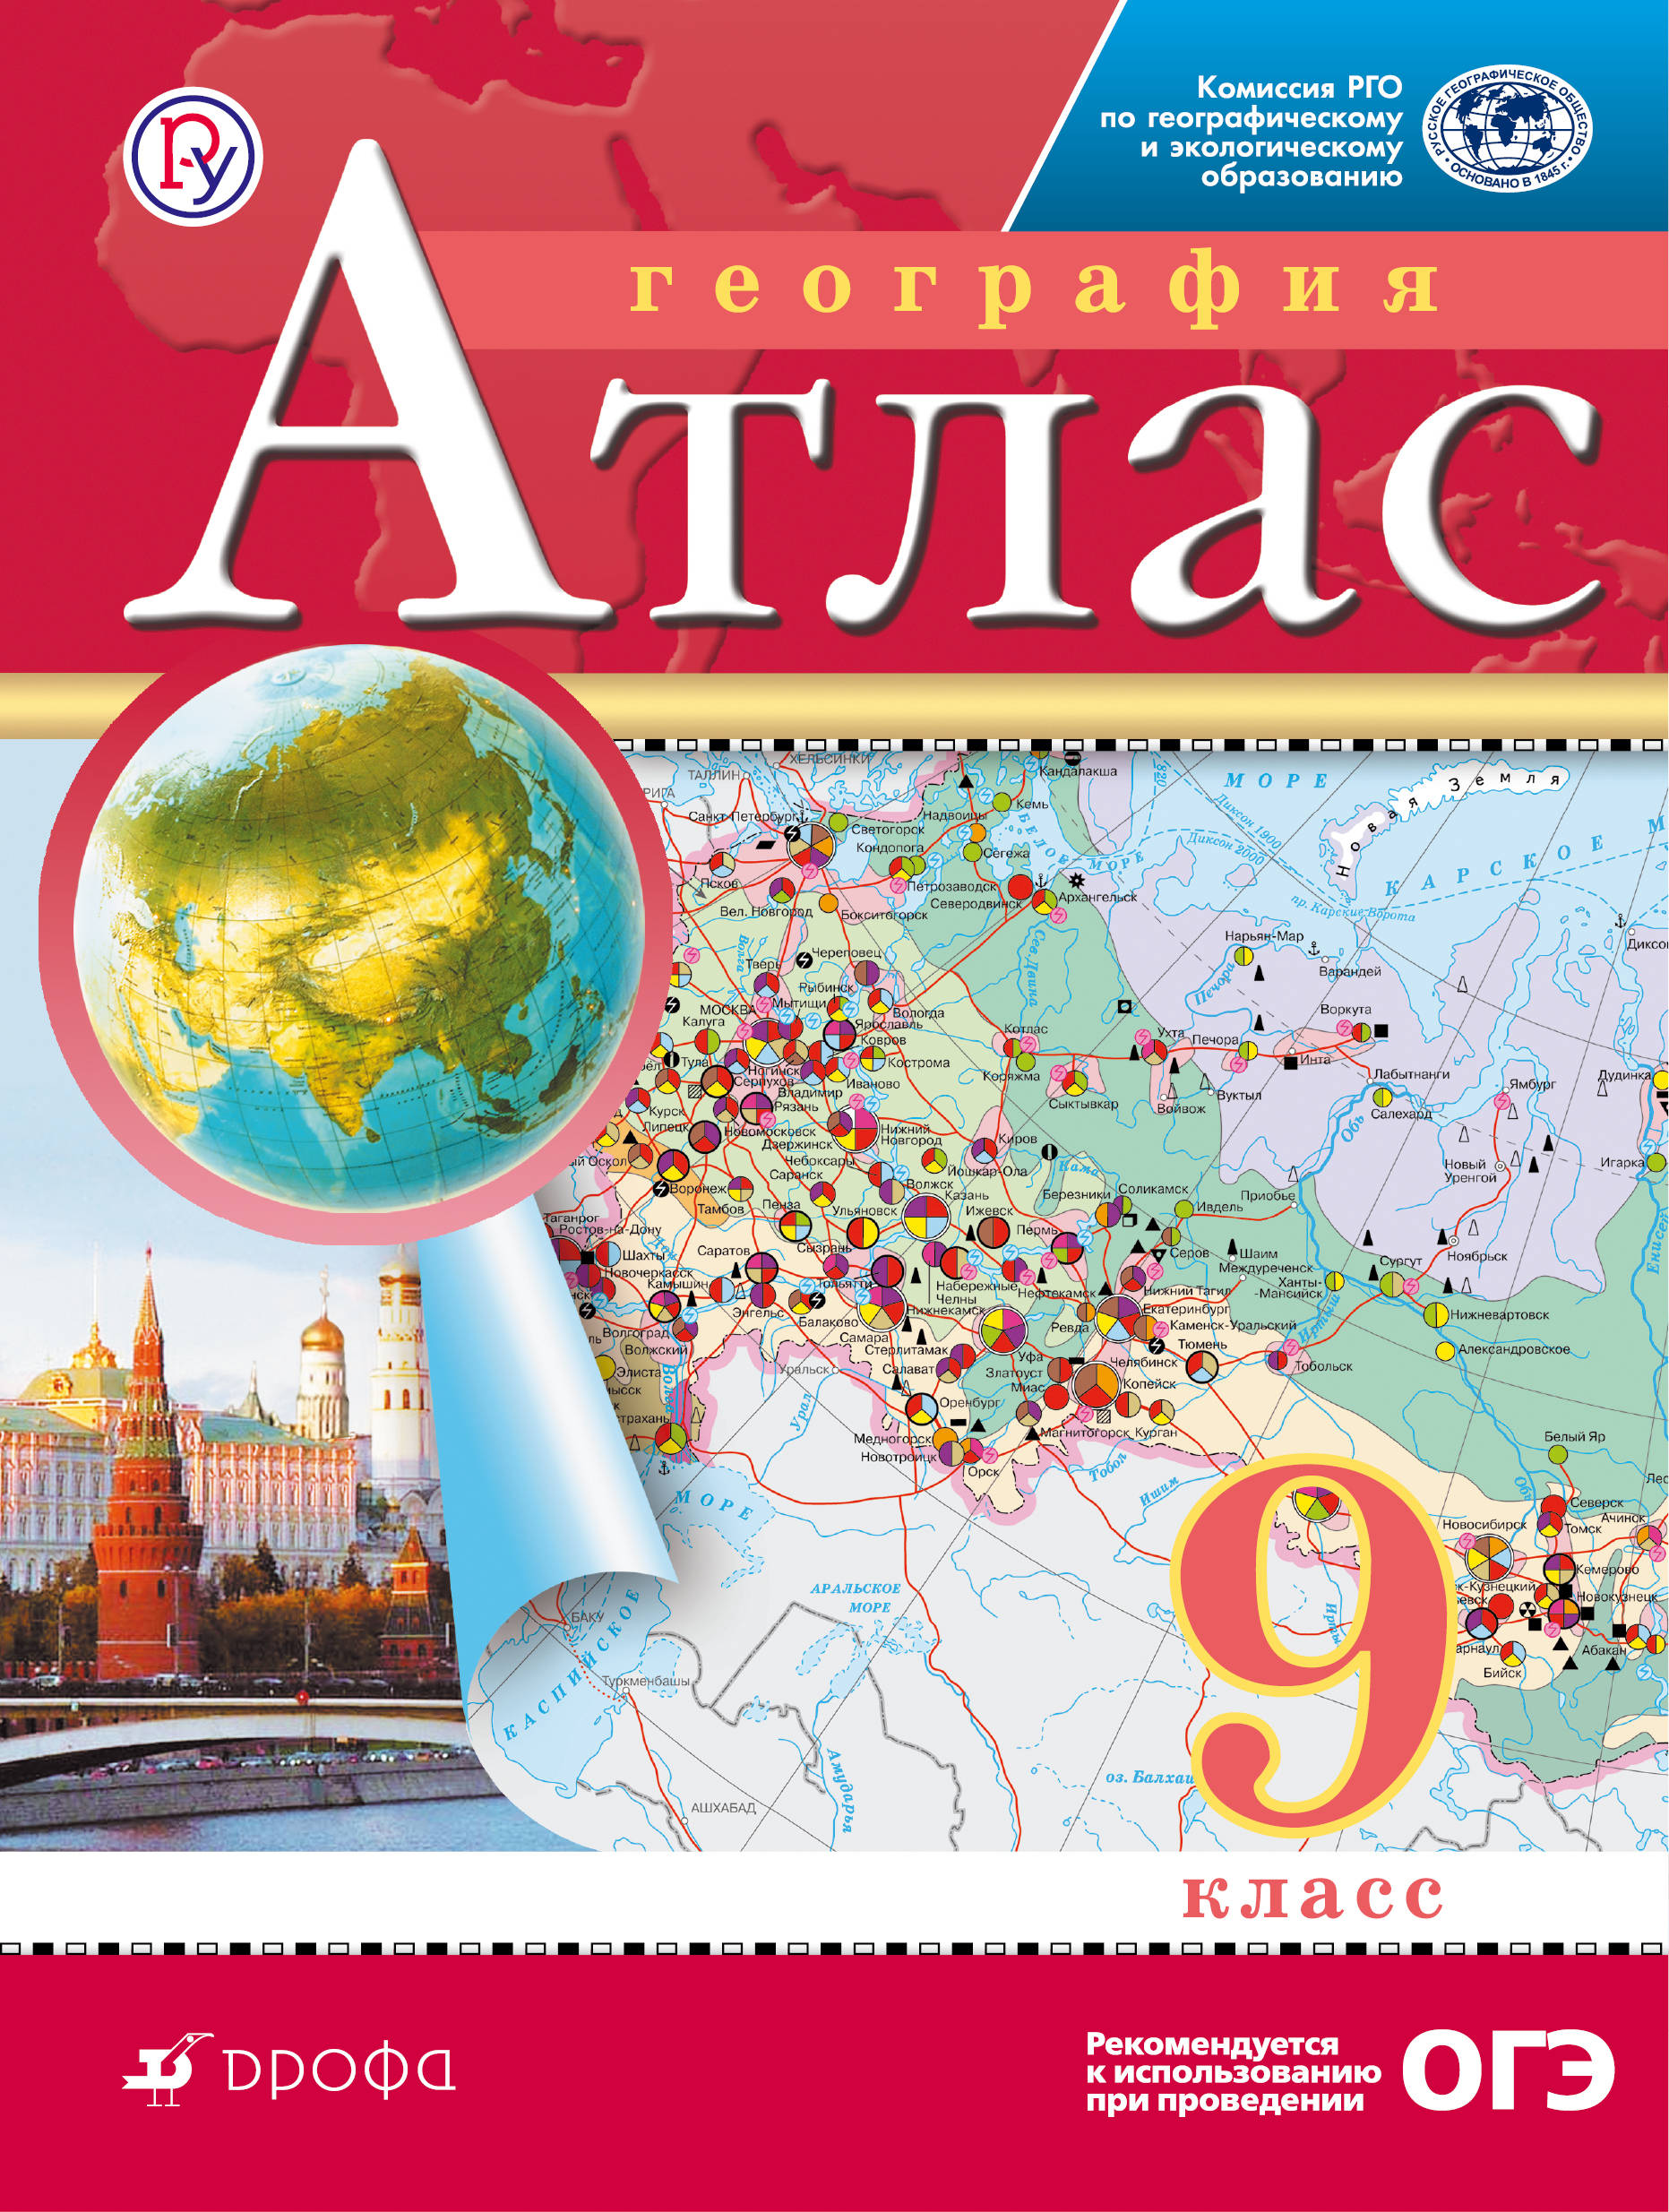 Фото - География. 9 класс. Атлас. (Традиционный комплект)(РГО) география 10 11 классы атлас традиционный комплект рго